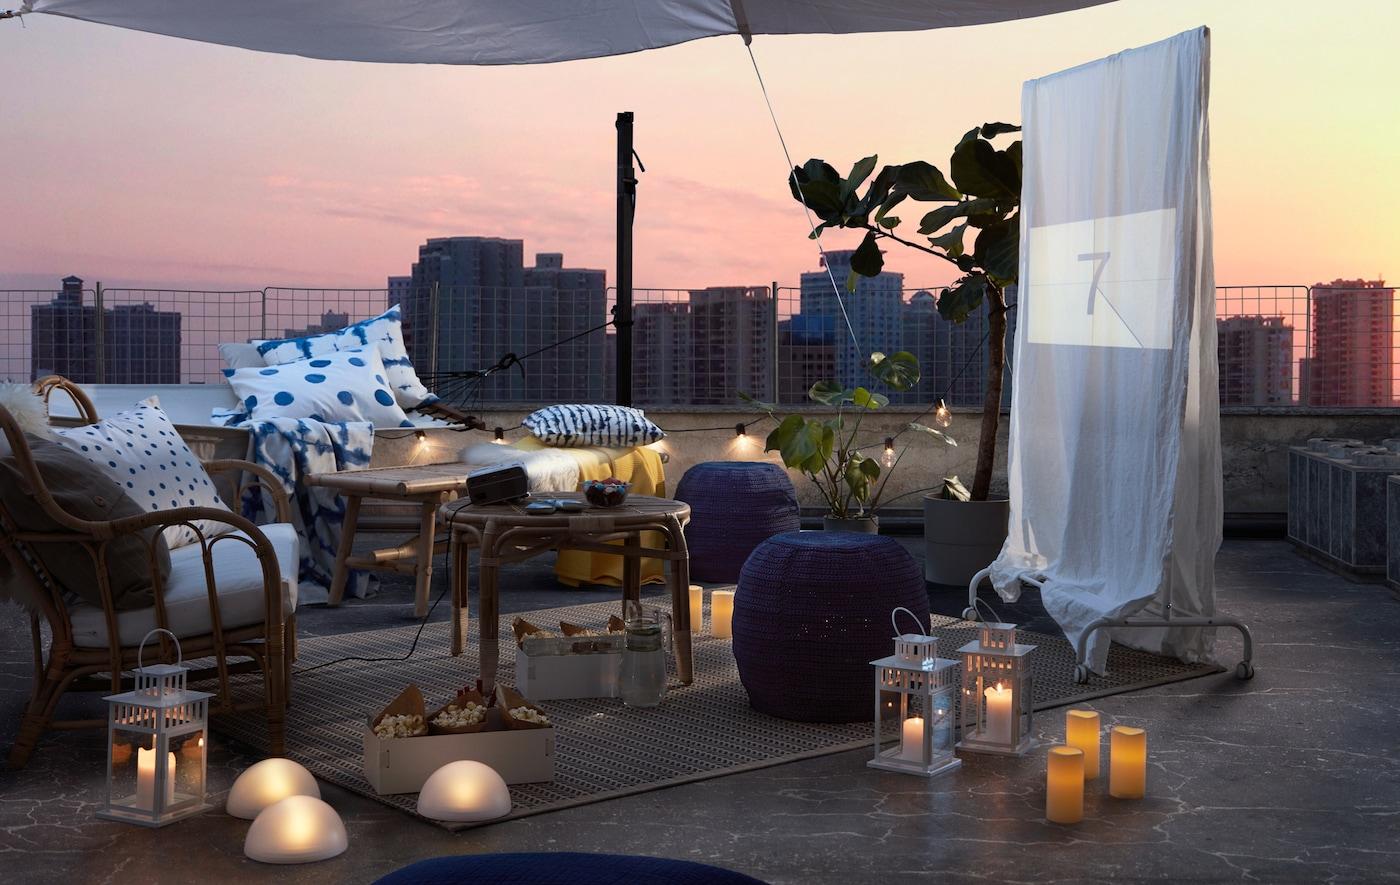 Comode sedute, tavolini, cuscini, coperte, luci a LED e uno schermo improvvisato ricreano un soggiorno sul terrazzo al tramonto - IKEA